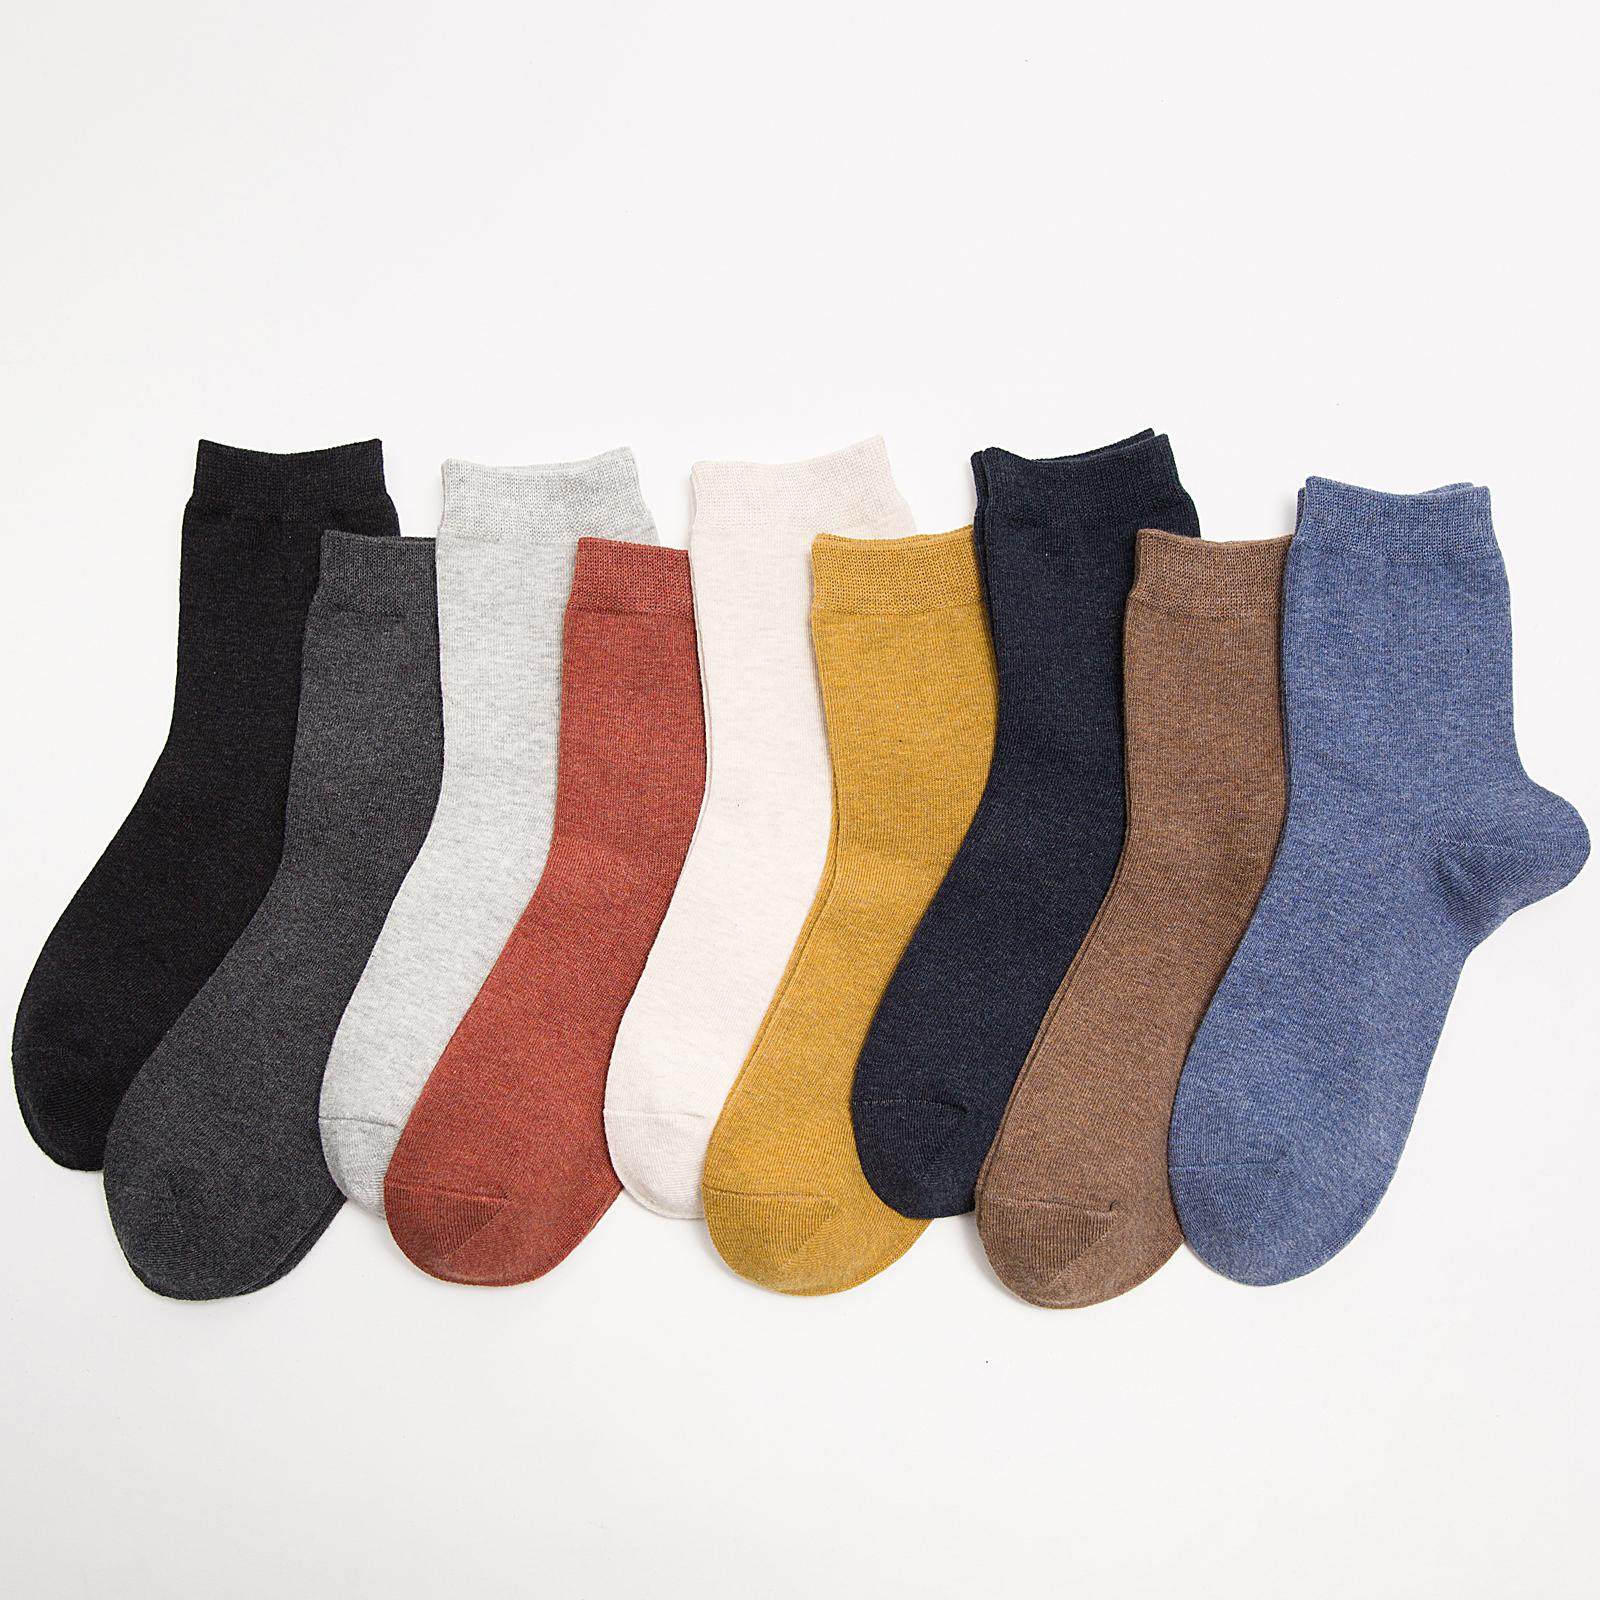 中筒袜女春秋月子袜子夏季薄款产后纯棉防臭百搭秋冬堆堆袜长筒袜券后19.80元